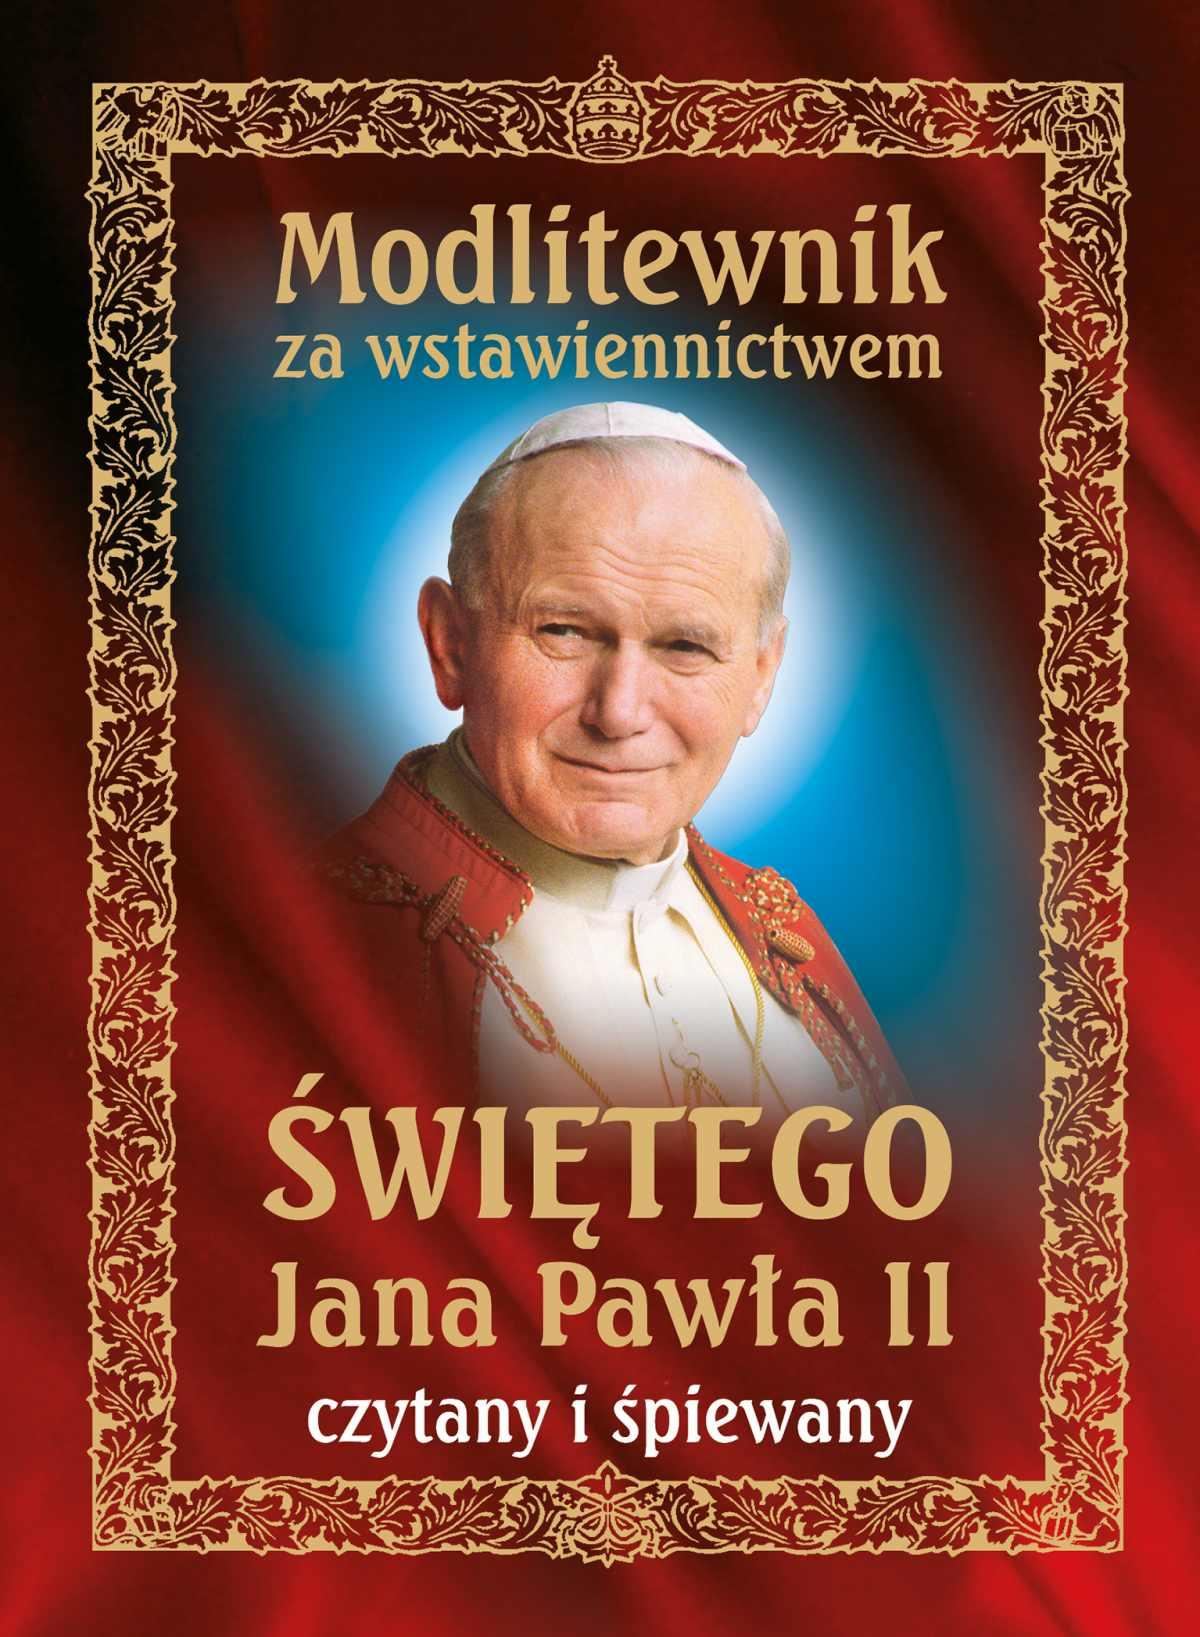 Modlitewnik za wstawiennictwem świętego Jana Pawła II czytany i śpiewany - Audiobook (Książka audio MP3) do pobrania w całości w archiwum ZIP